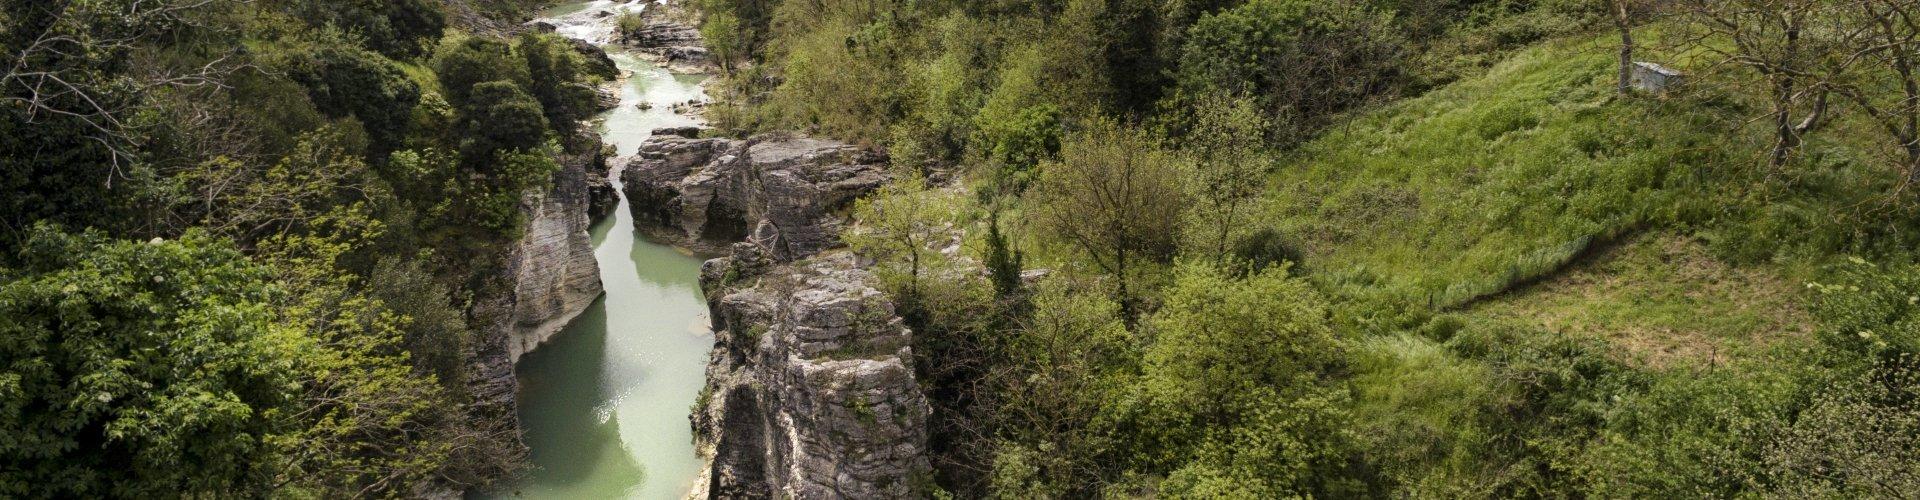 Ausflugsziel Marmitte dei Giganti